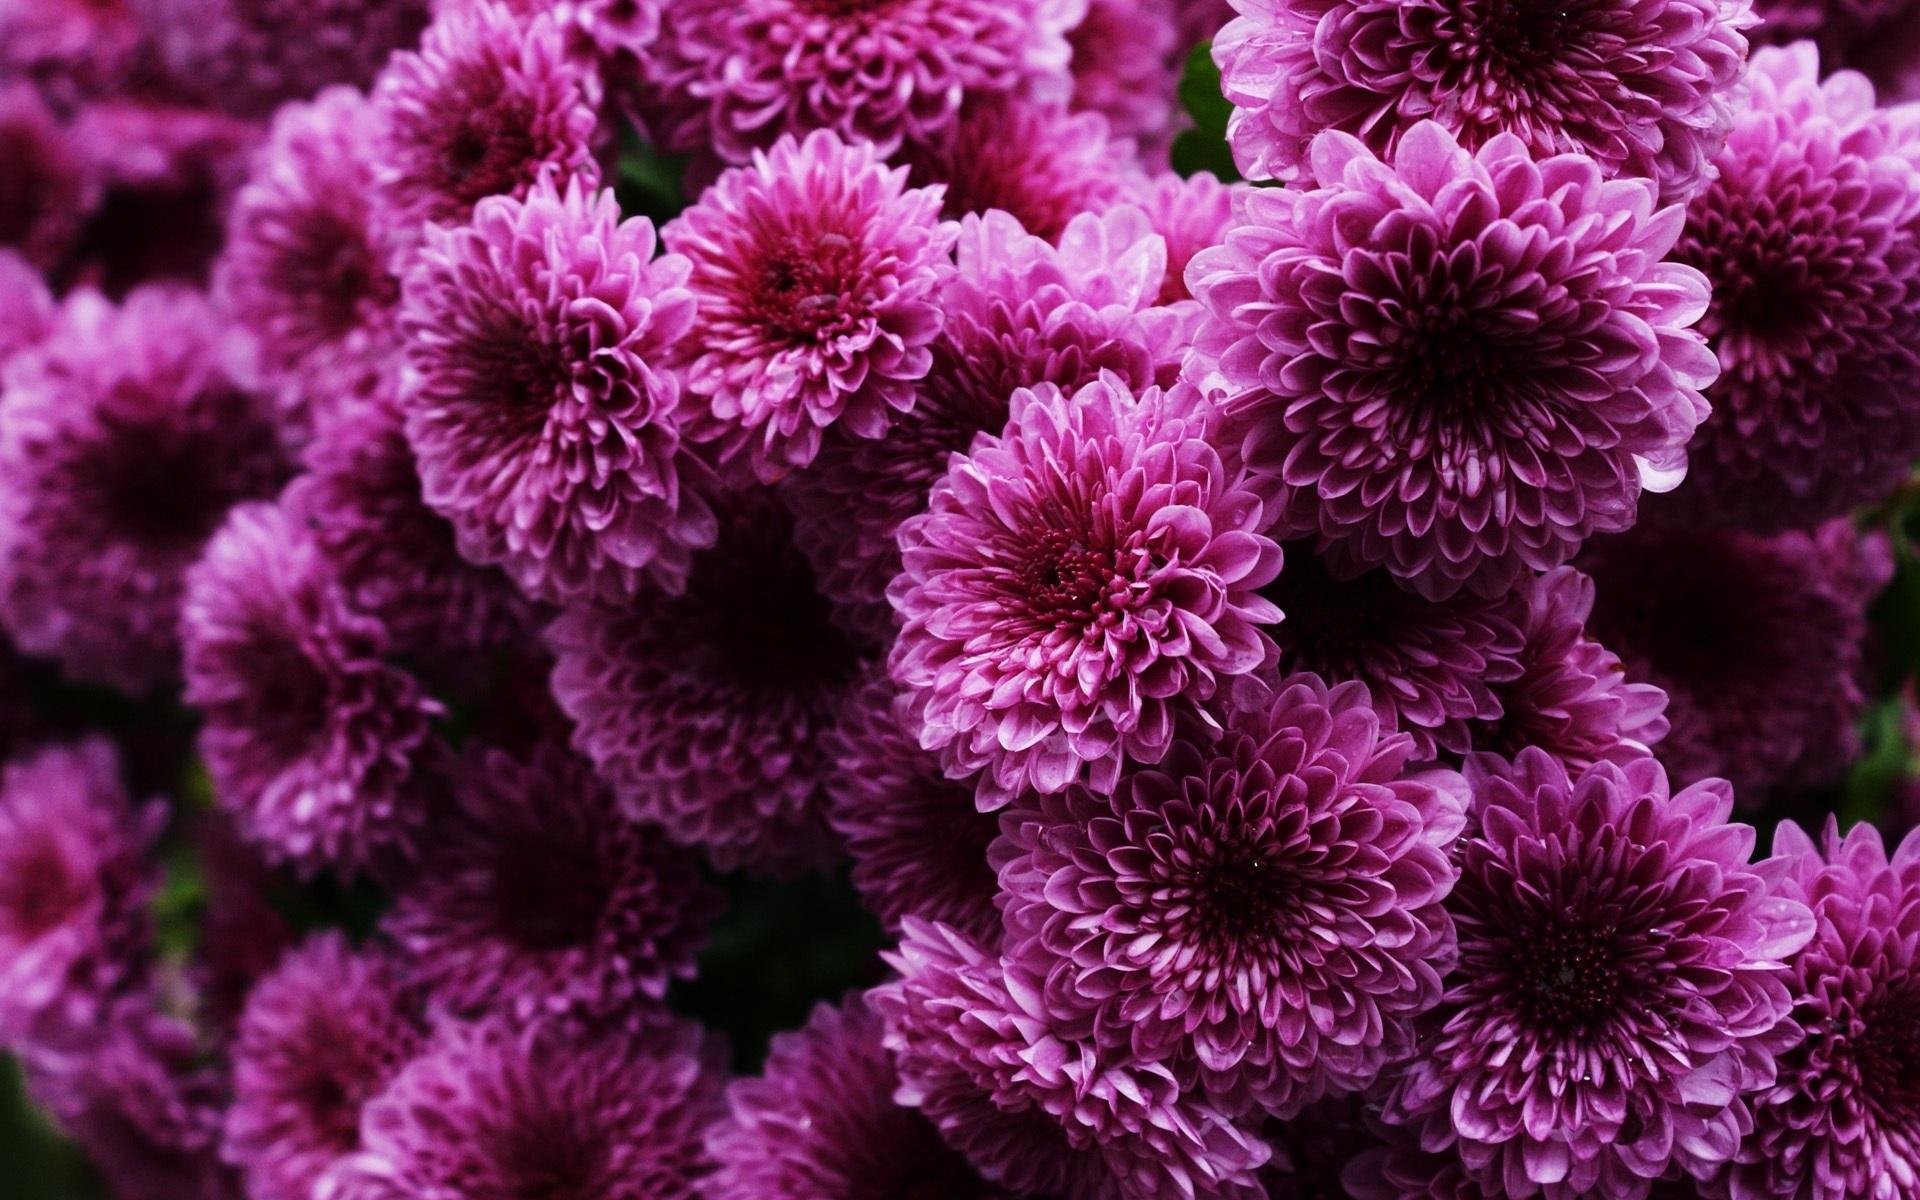 Вопросы цветоводов-любителей — как размножить хризантему из букета?